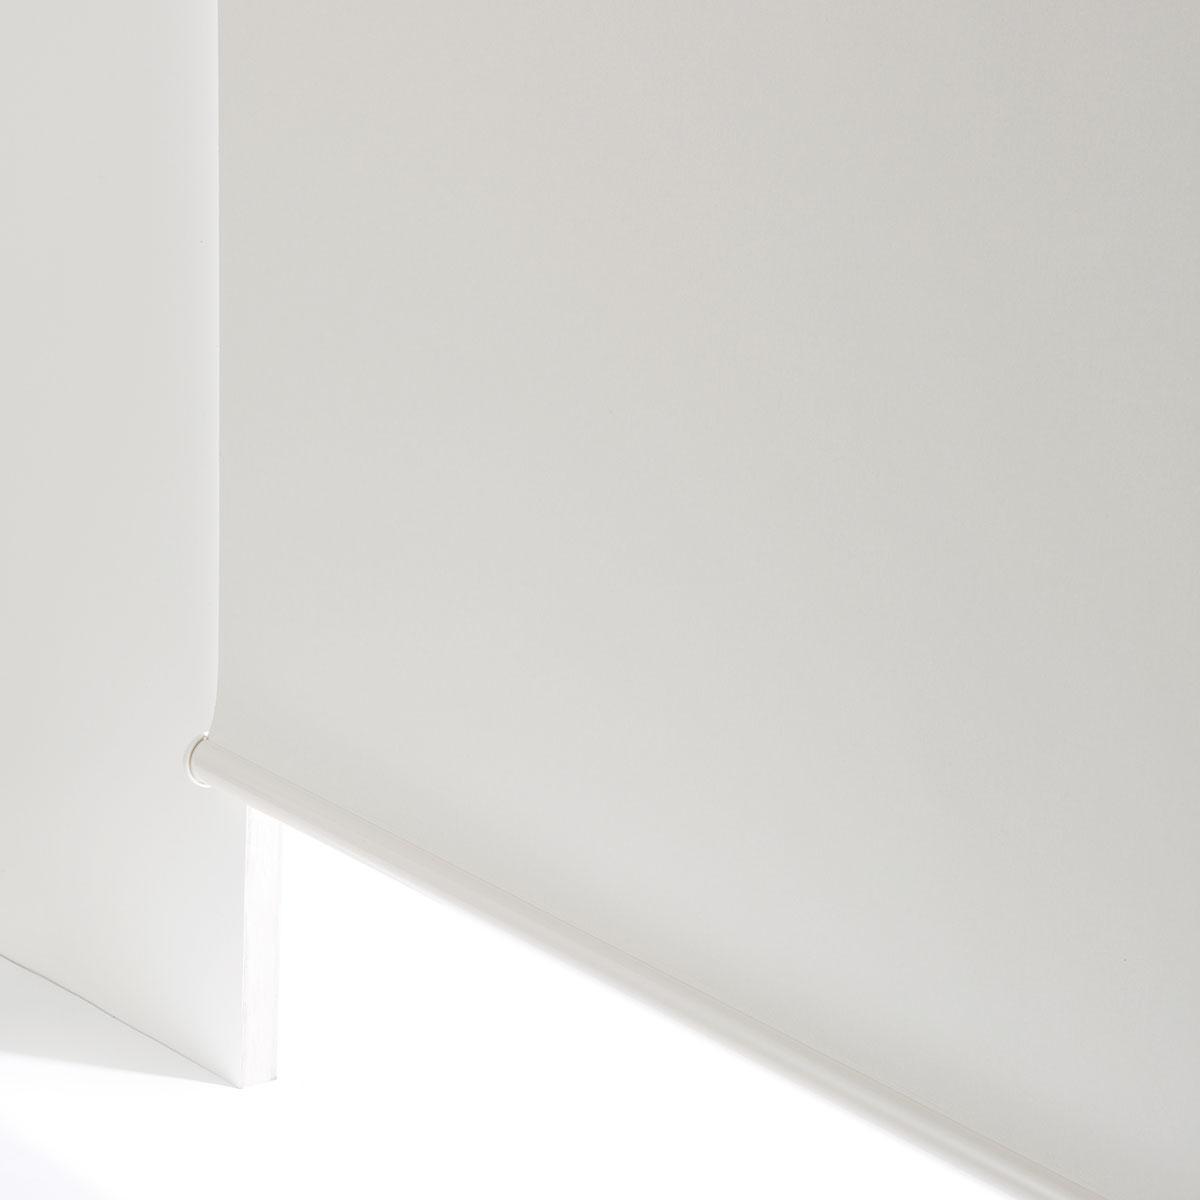 遮光ロールスクリーン チェーン式(ドルフィンWH 80X220) ニトリ 【玄関先迄納品】 〔合計金額11000円以上送料無料対象商品〕